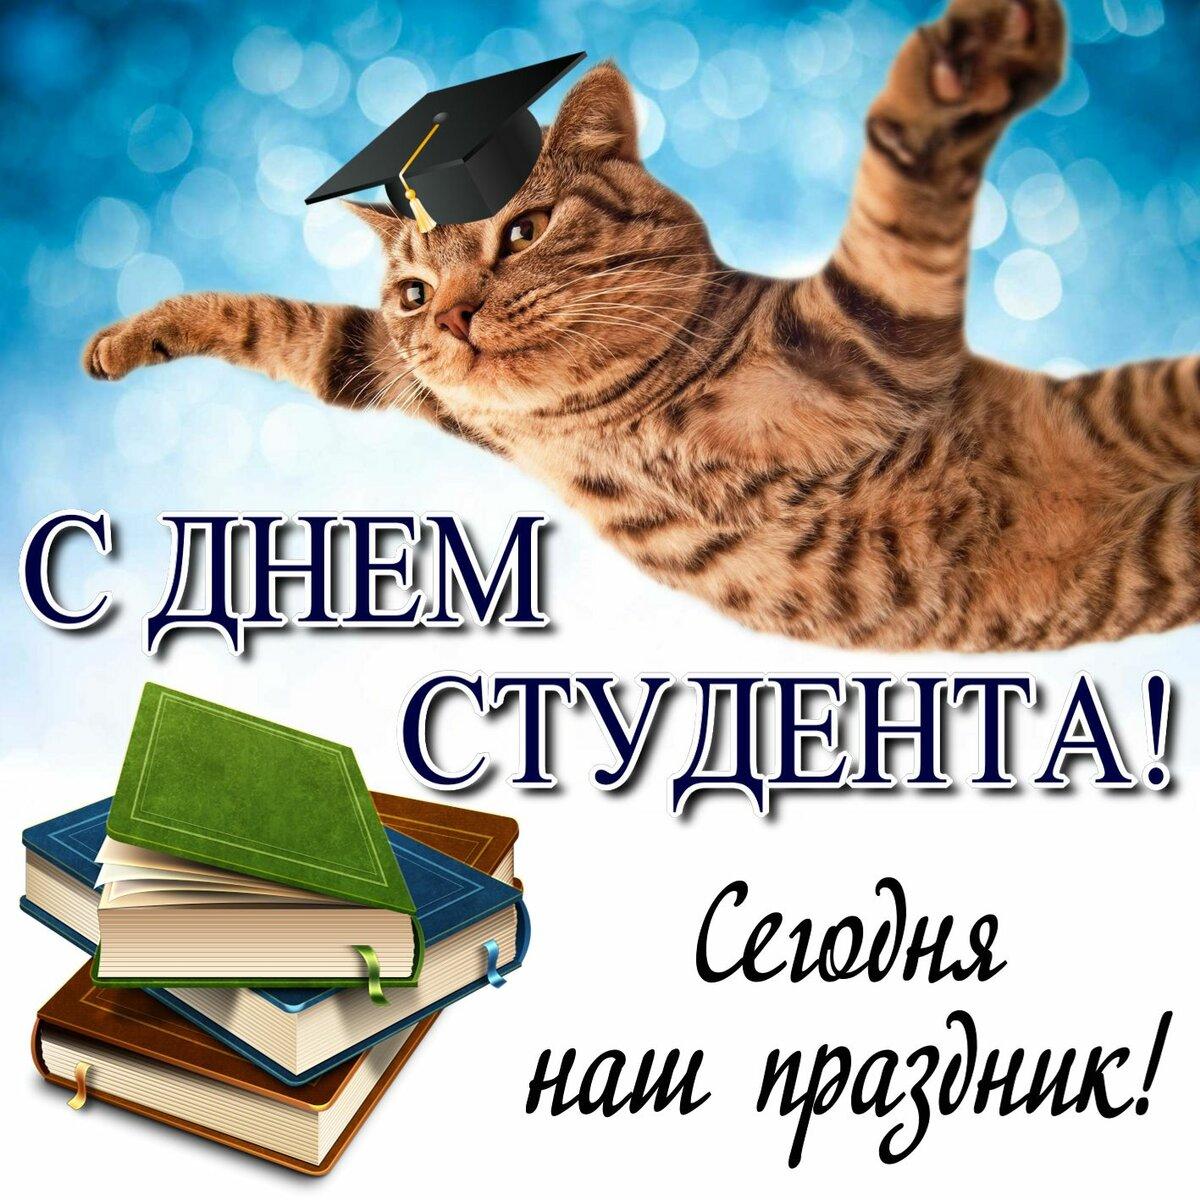 Исключительные открытки на День студента